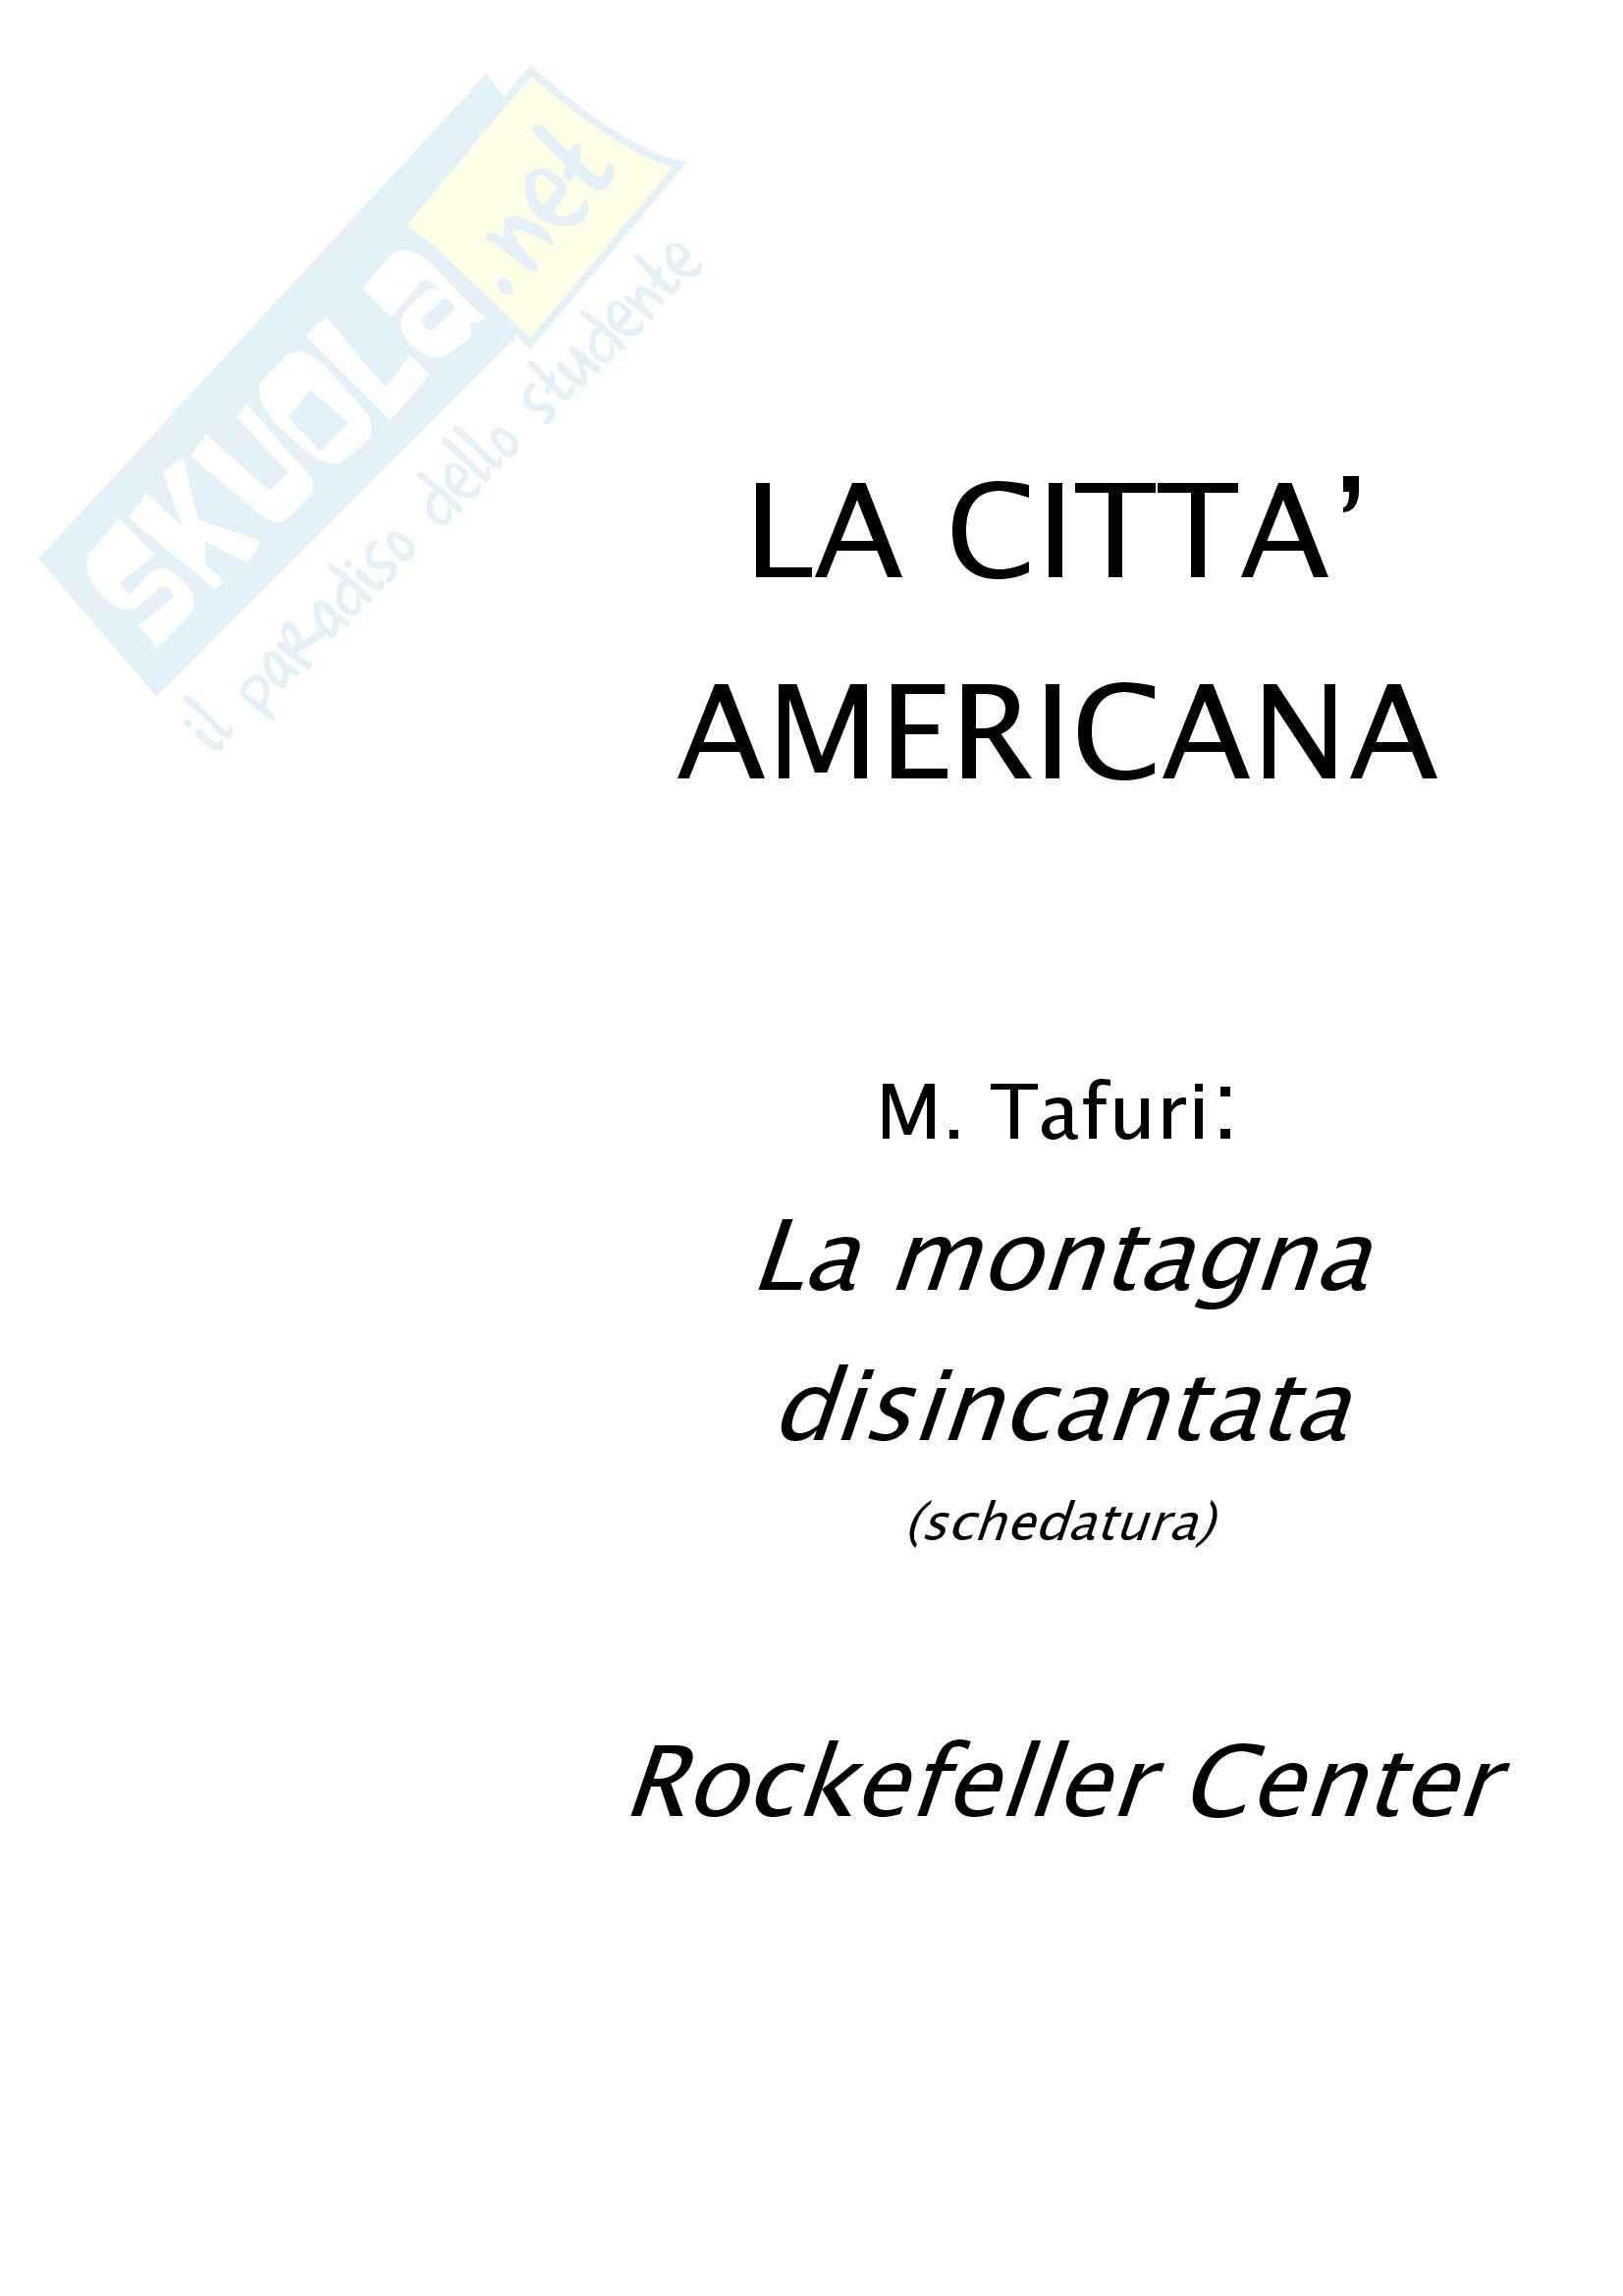 Riassunto esame Storia dell'Architettura, prof. Fonti, libro consigliato Storia dell'Architettura: La Città Americana